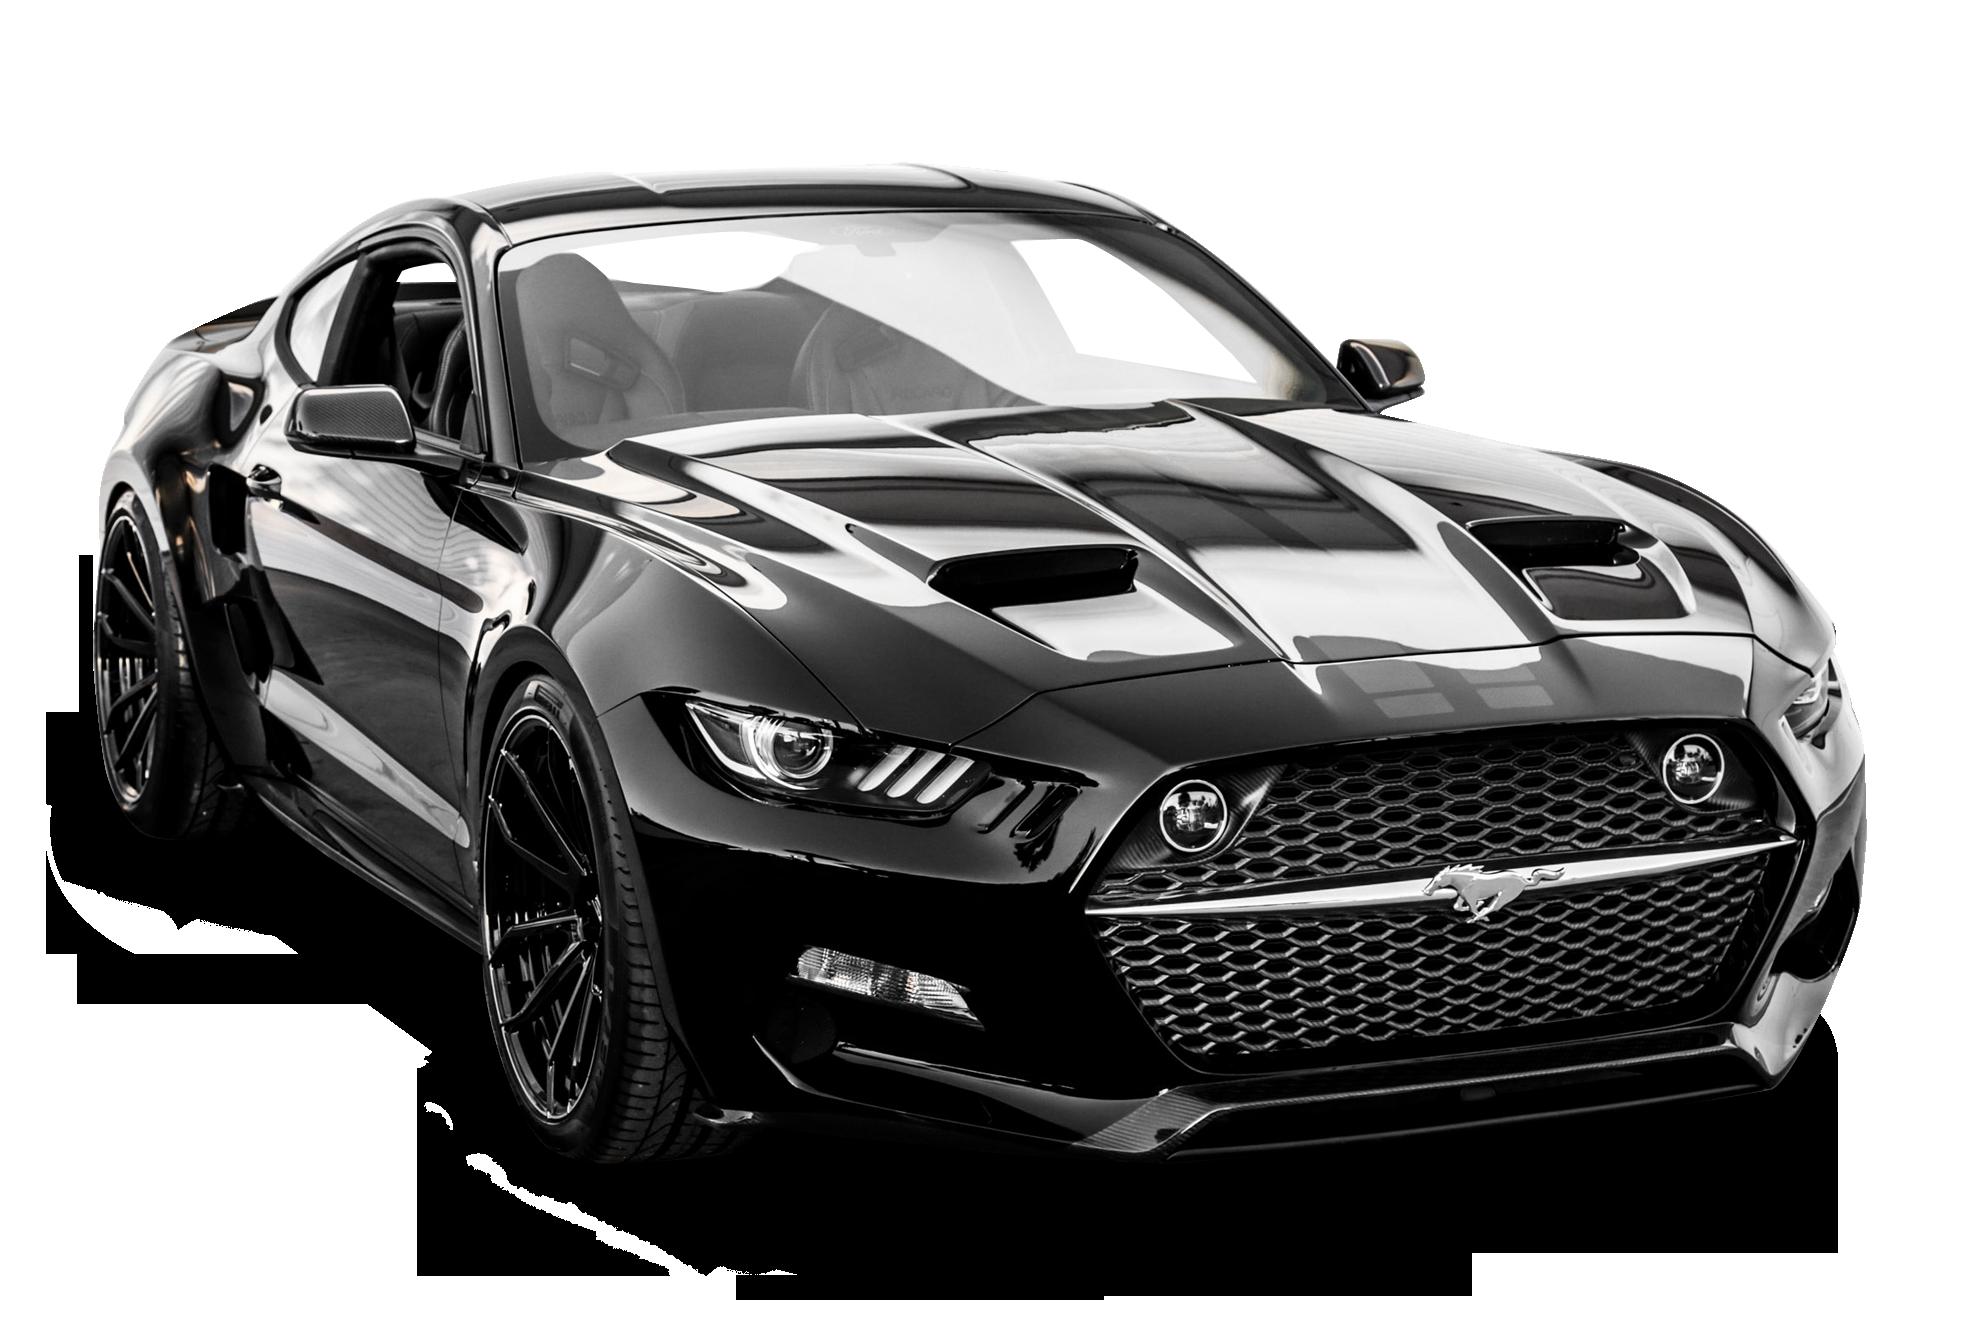 Ford Mustang Galpin Rocket Car PNG Image - PurePNG | Free ...